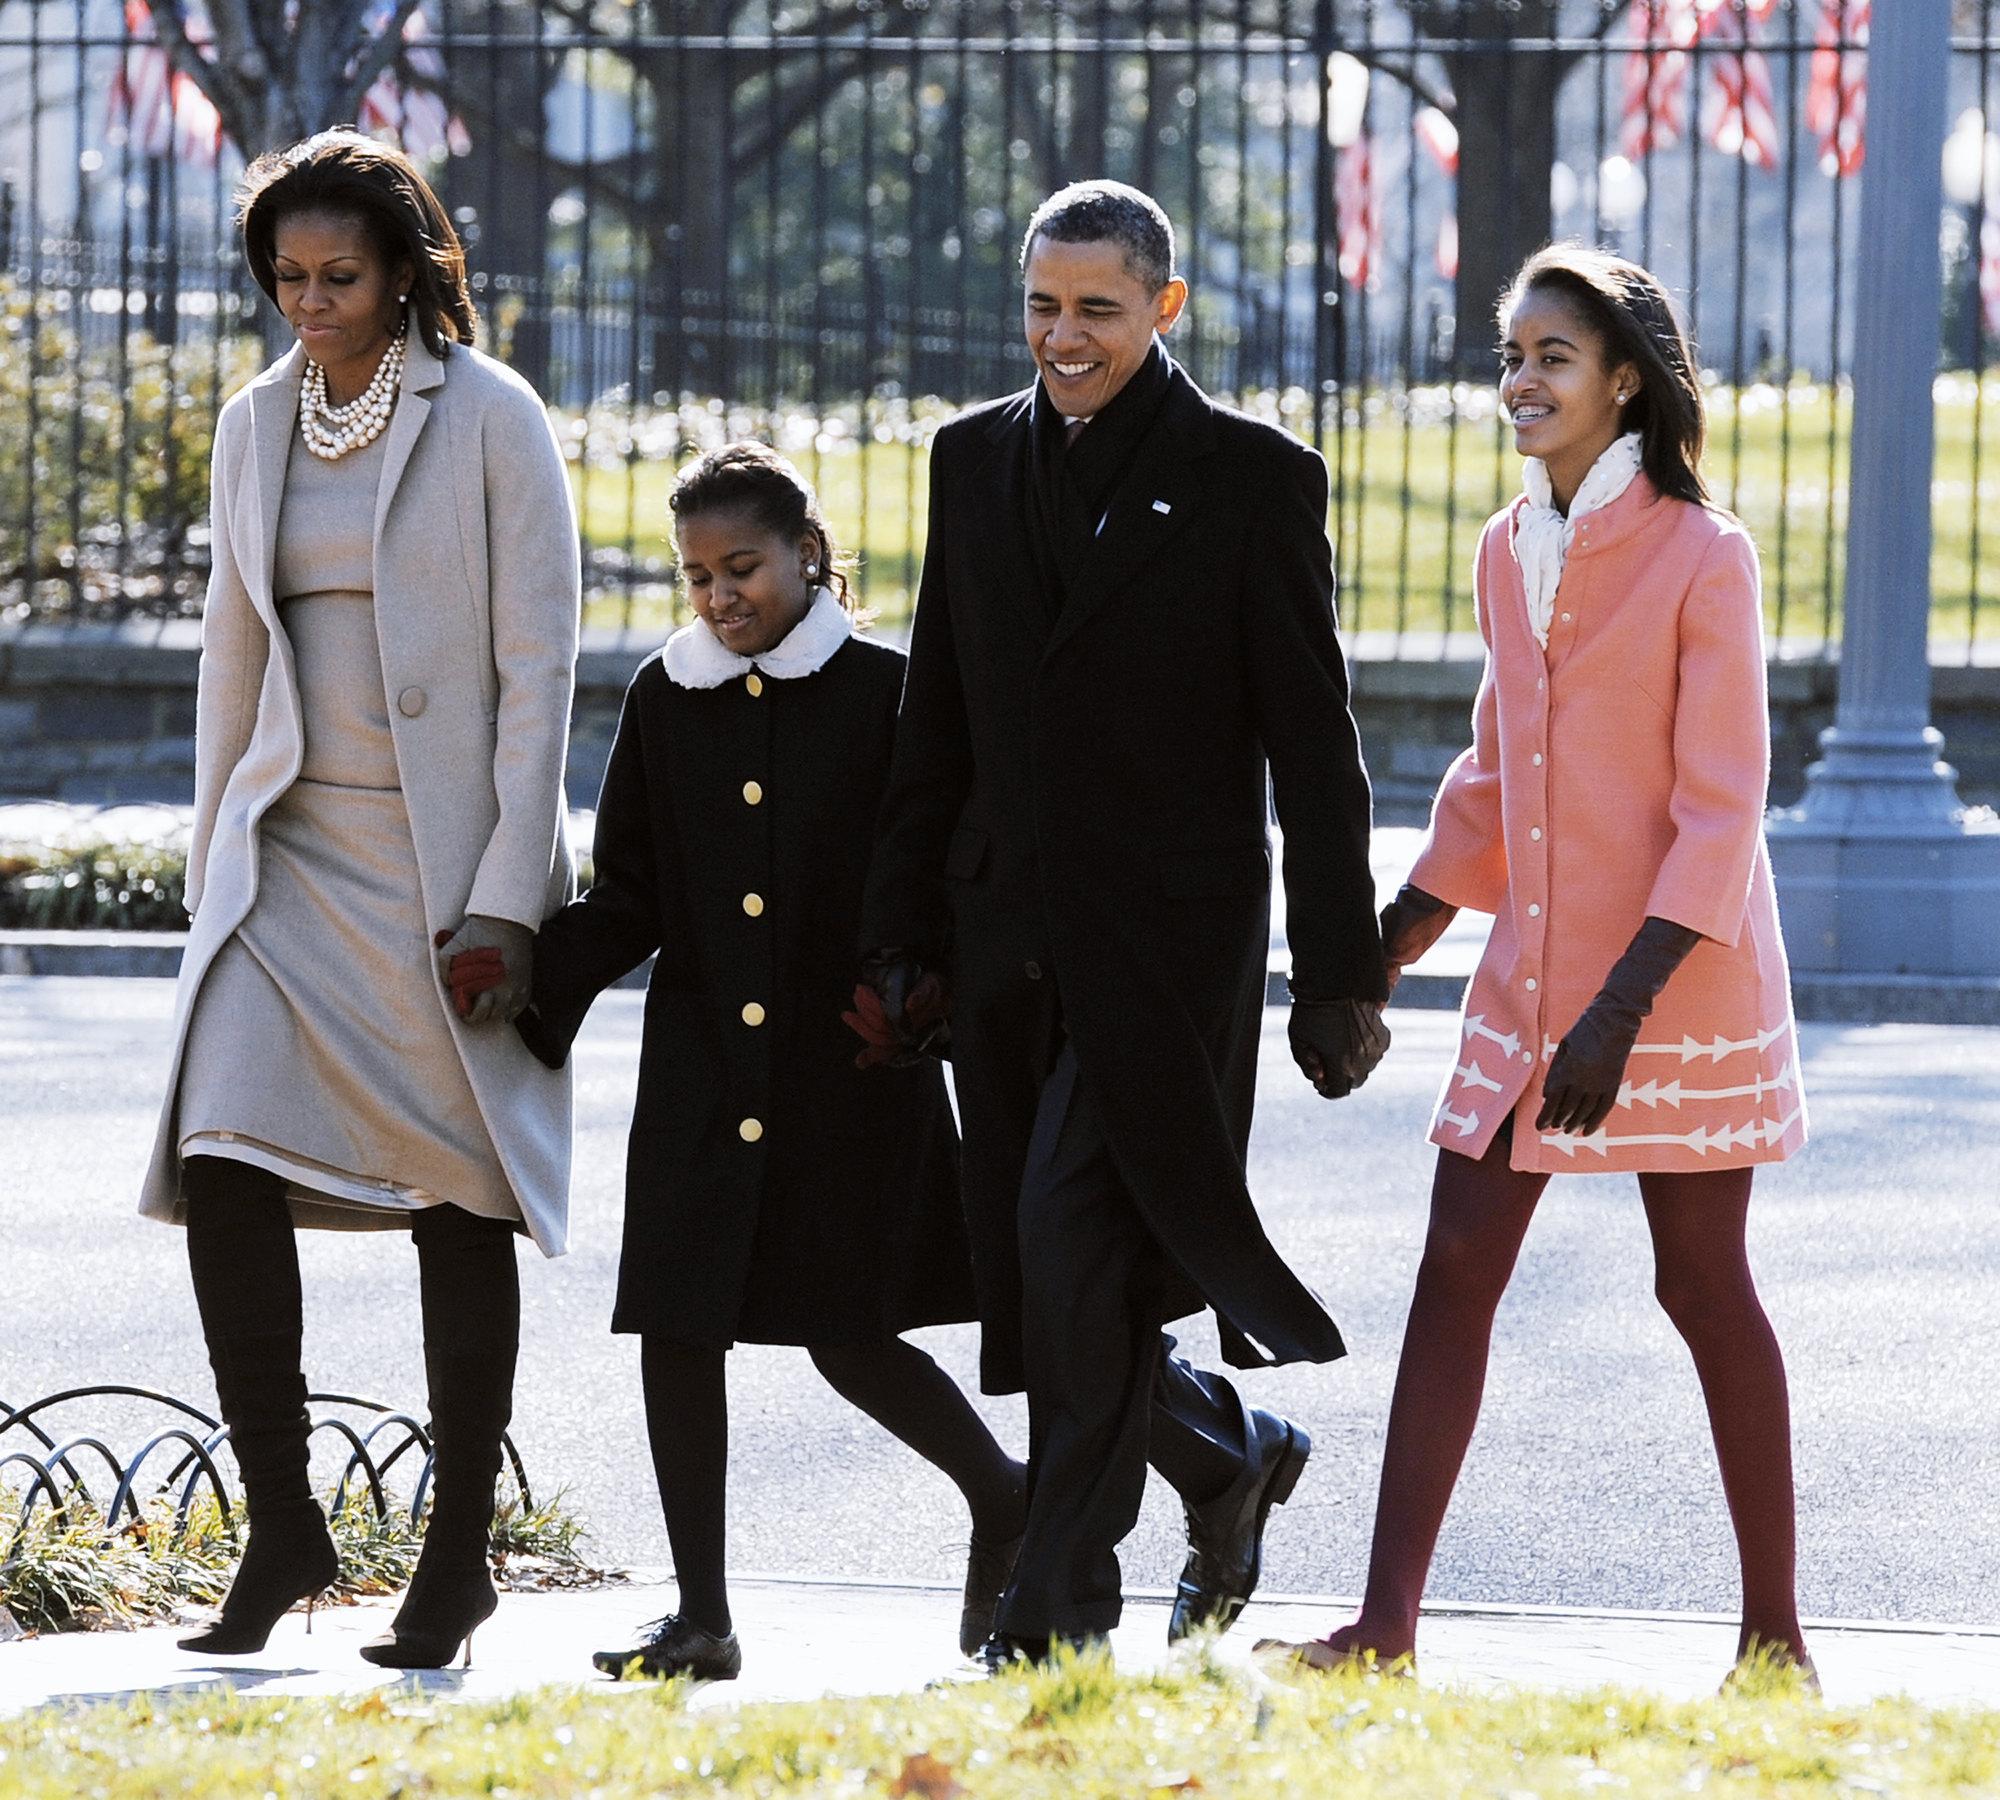 Барак иМишель Обама иих дочери Малия иСашаидут отБелого дома черезпарк Лафайет кцеркви Святого Иоанна наВоскресную службу 11 декабря 2011 года вВашингтоне, округ Колумбия.